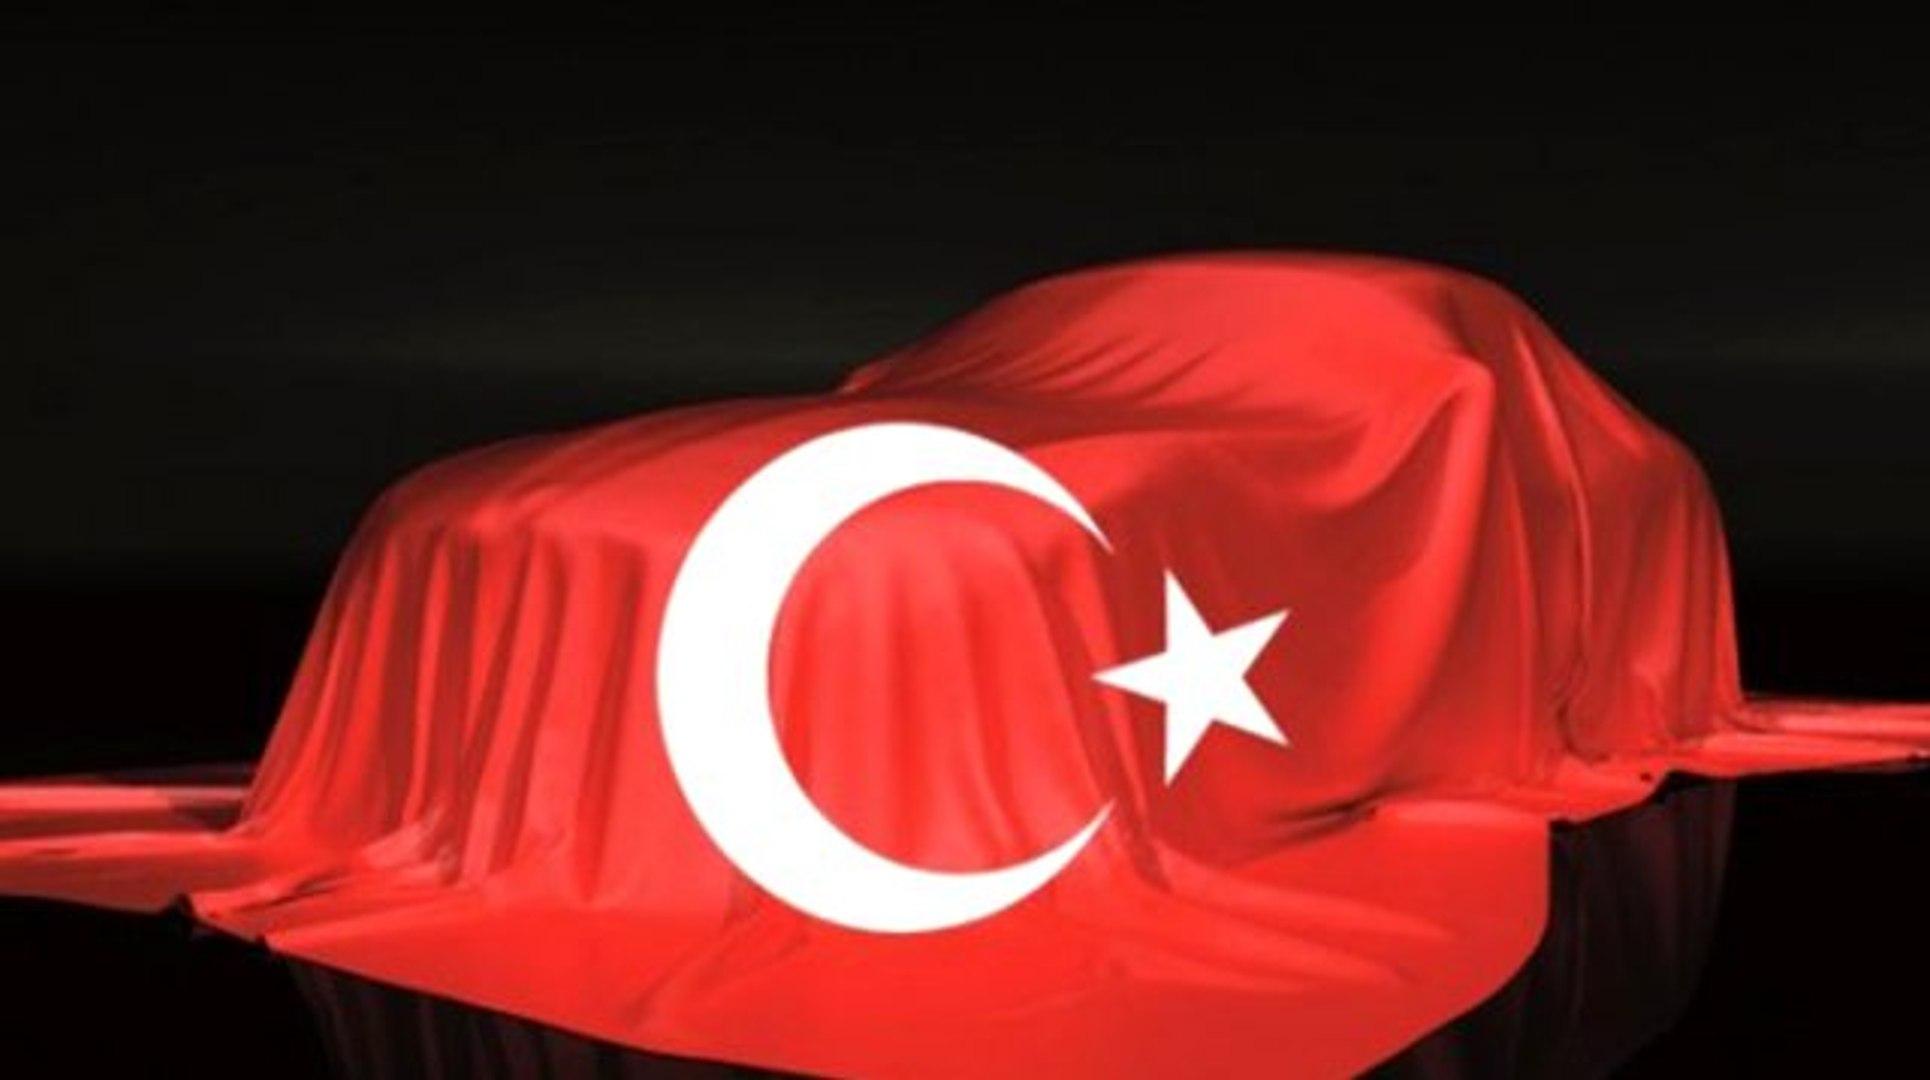 Türkiye'nin otomobilinden ilk ayrıntı paylaşıldı